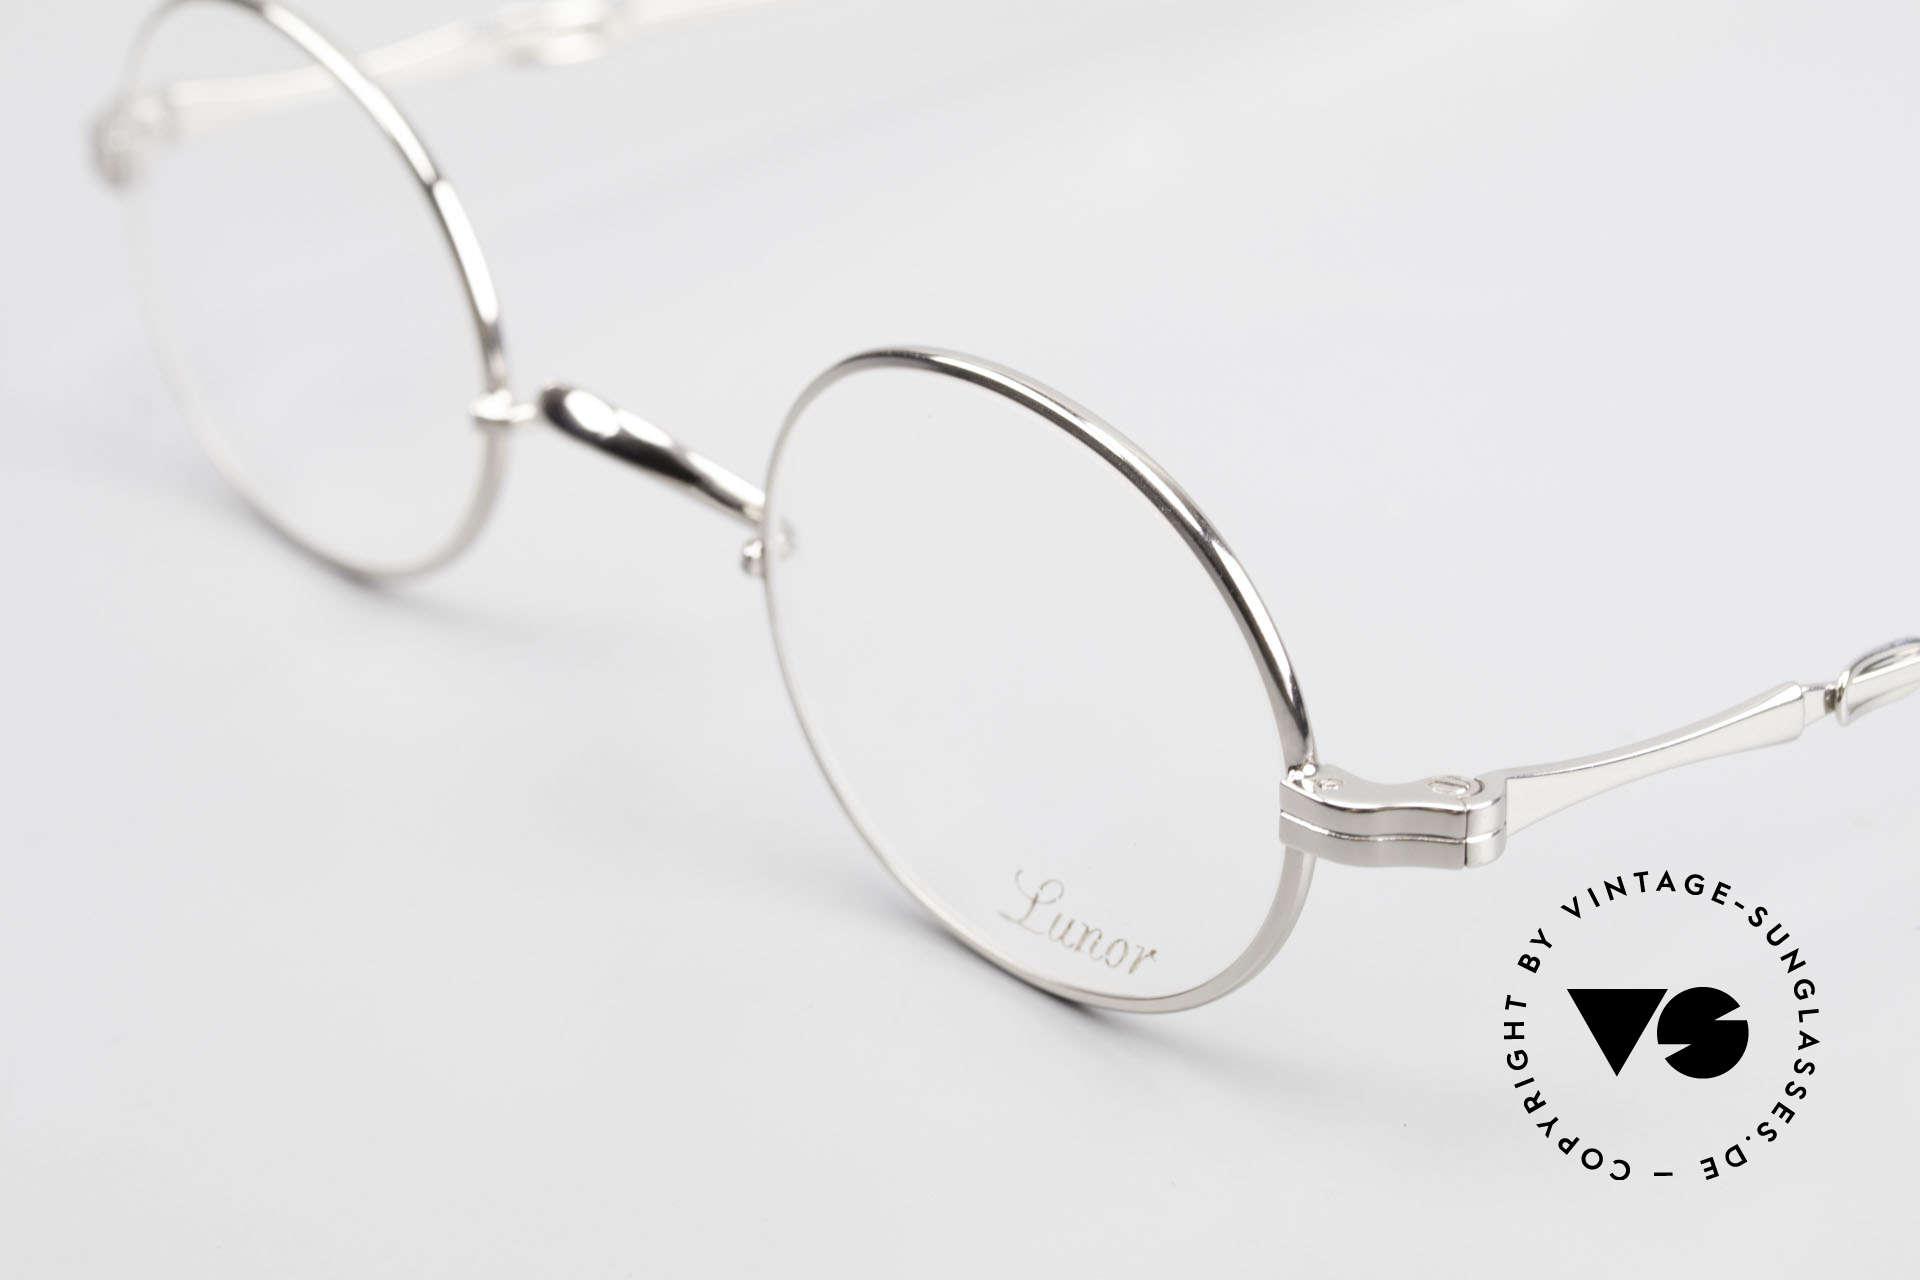 Lunor I 10 Telescopic Ovale Teleskop Brille Vintage, bekannt für den W-Steg und die schlichten Formen, Passend für Herren und Damen